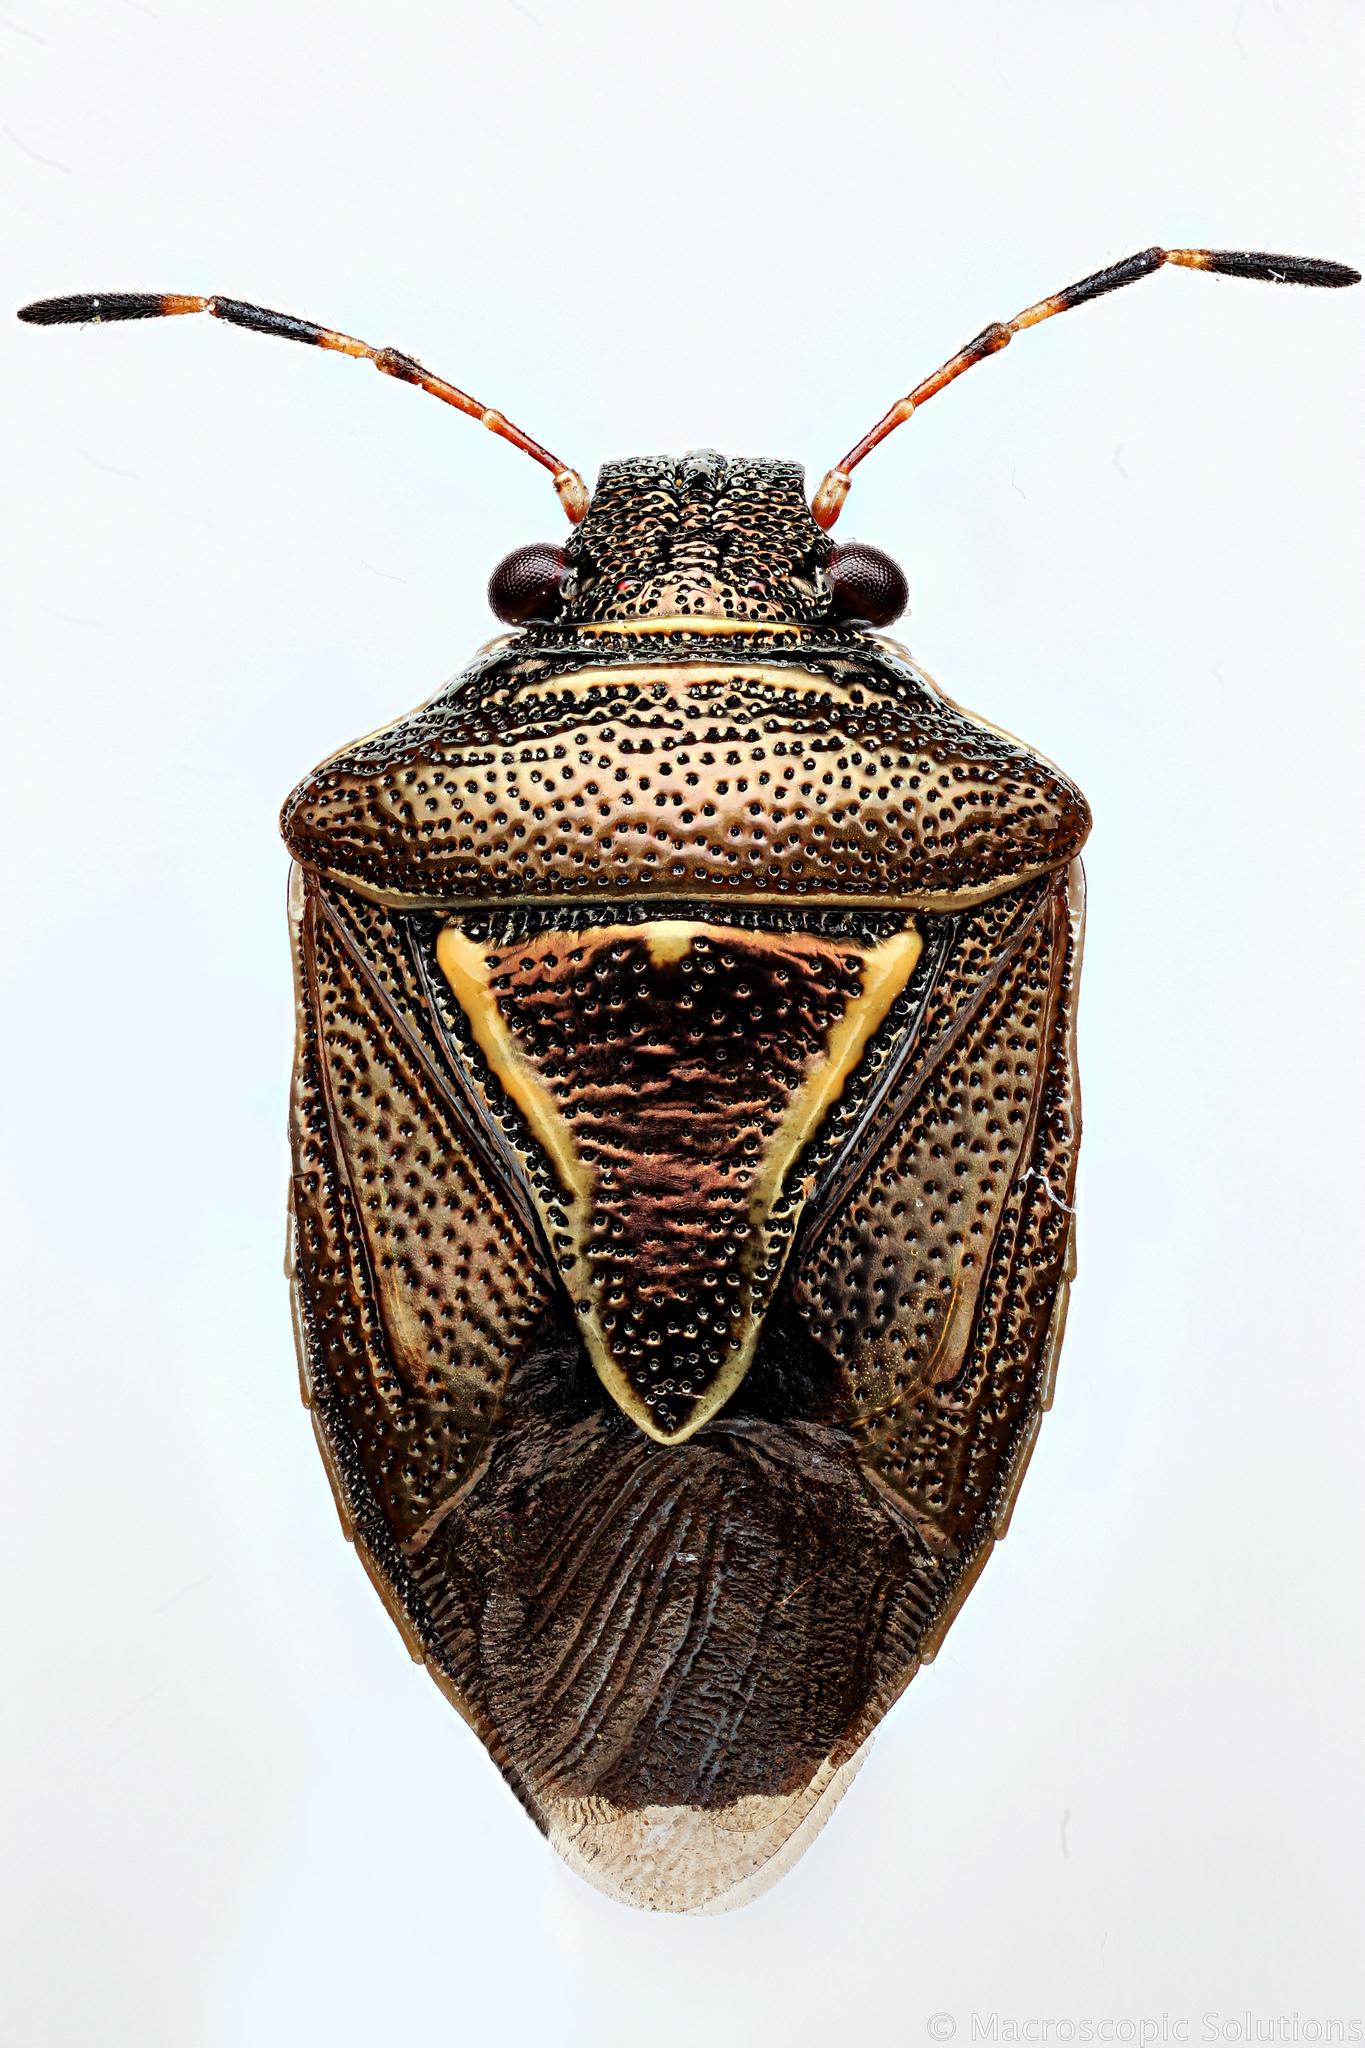 Insecta: Hemiptera